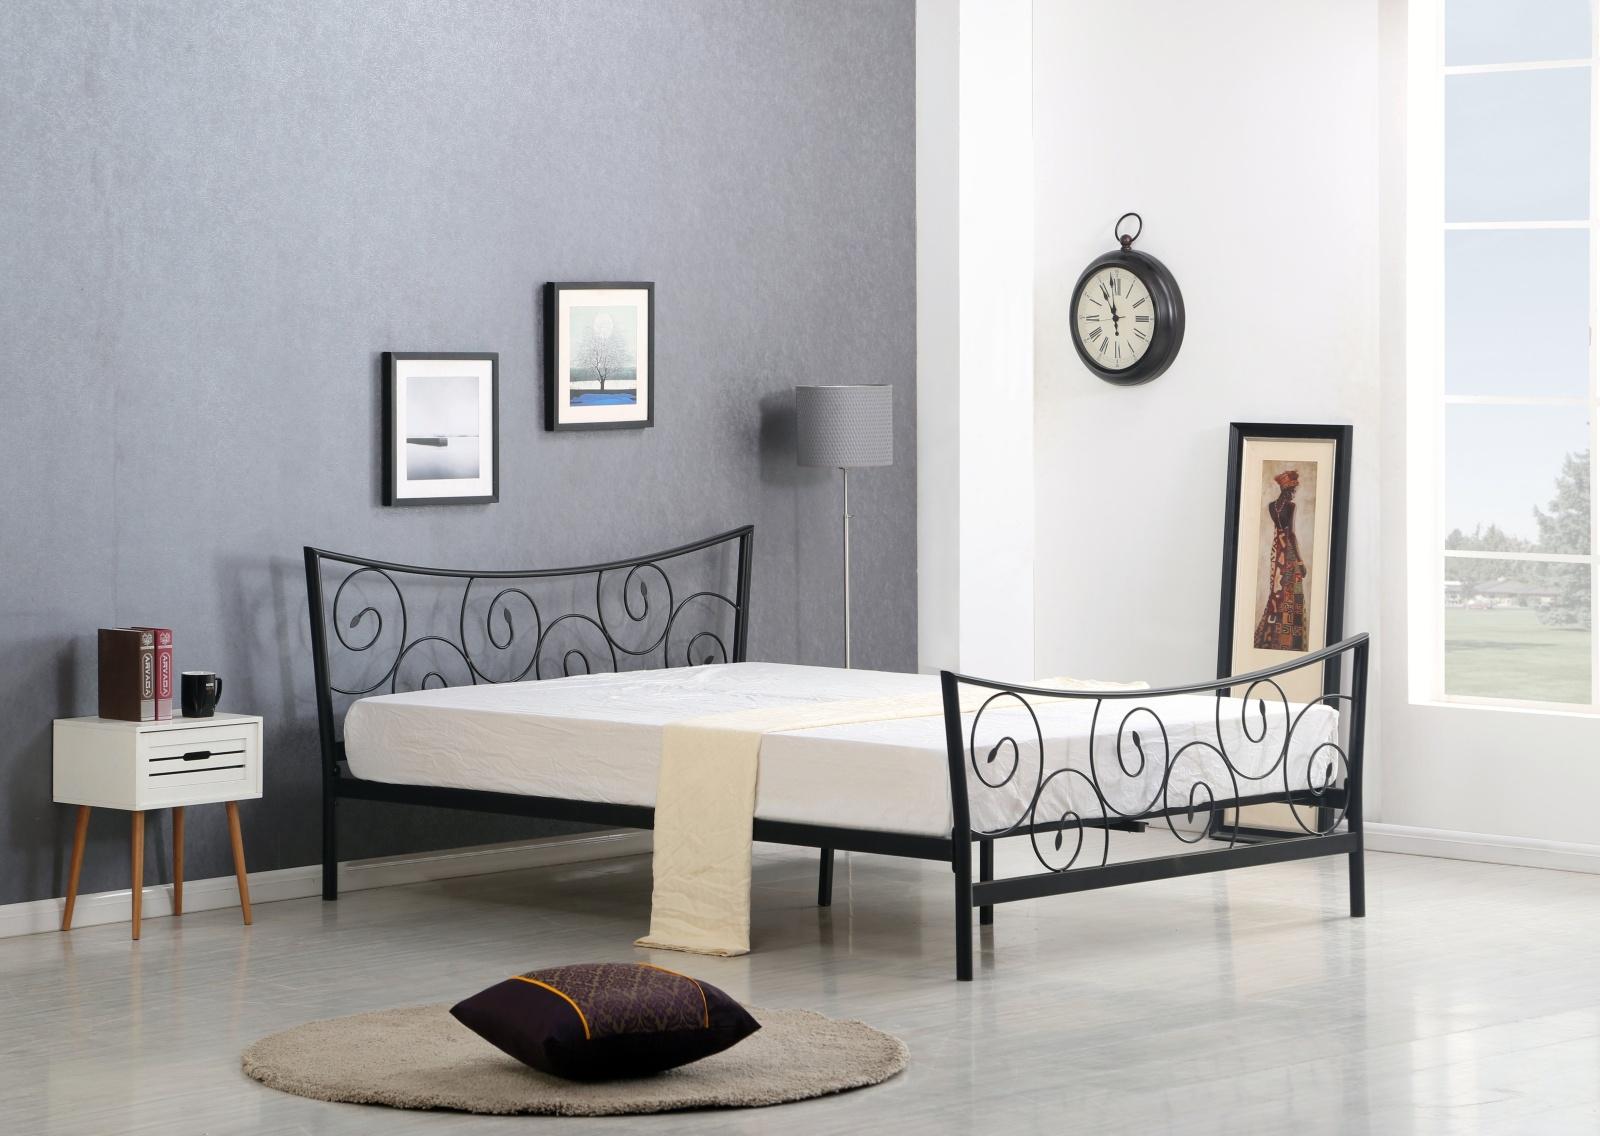 Halmar Postel RAMONA 160x200 cm, černá